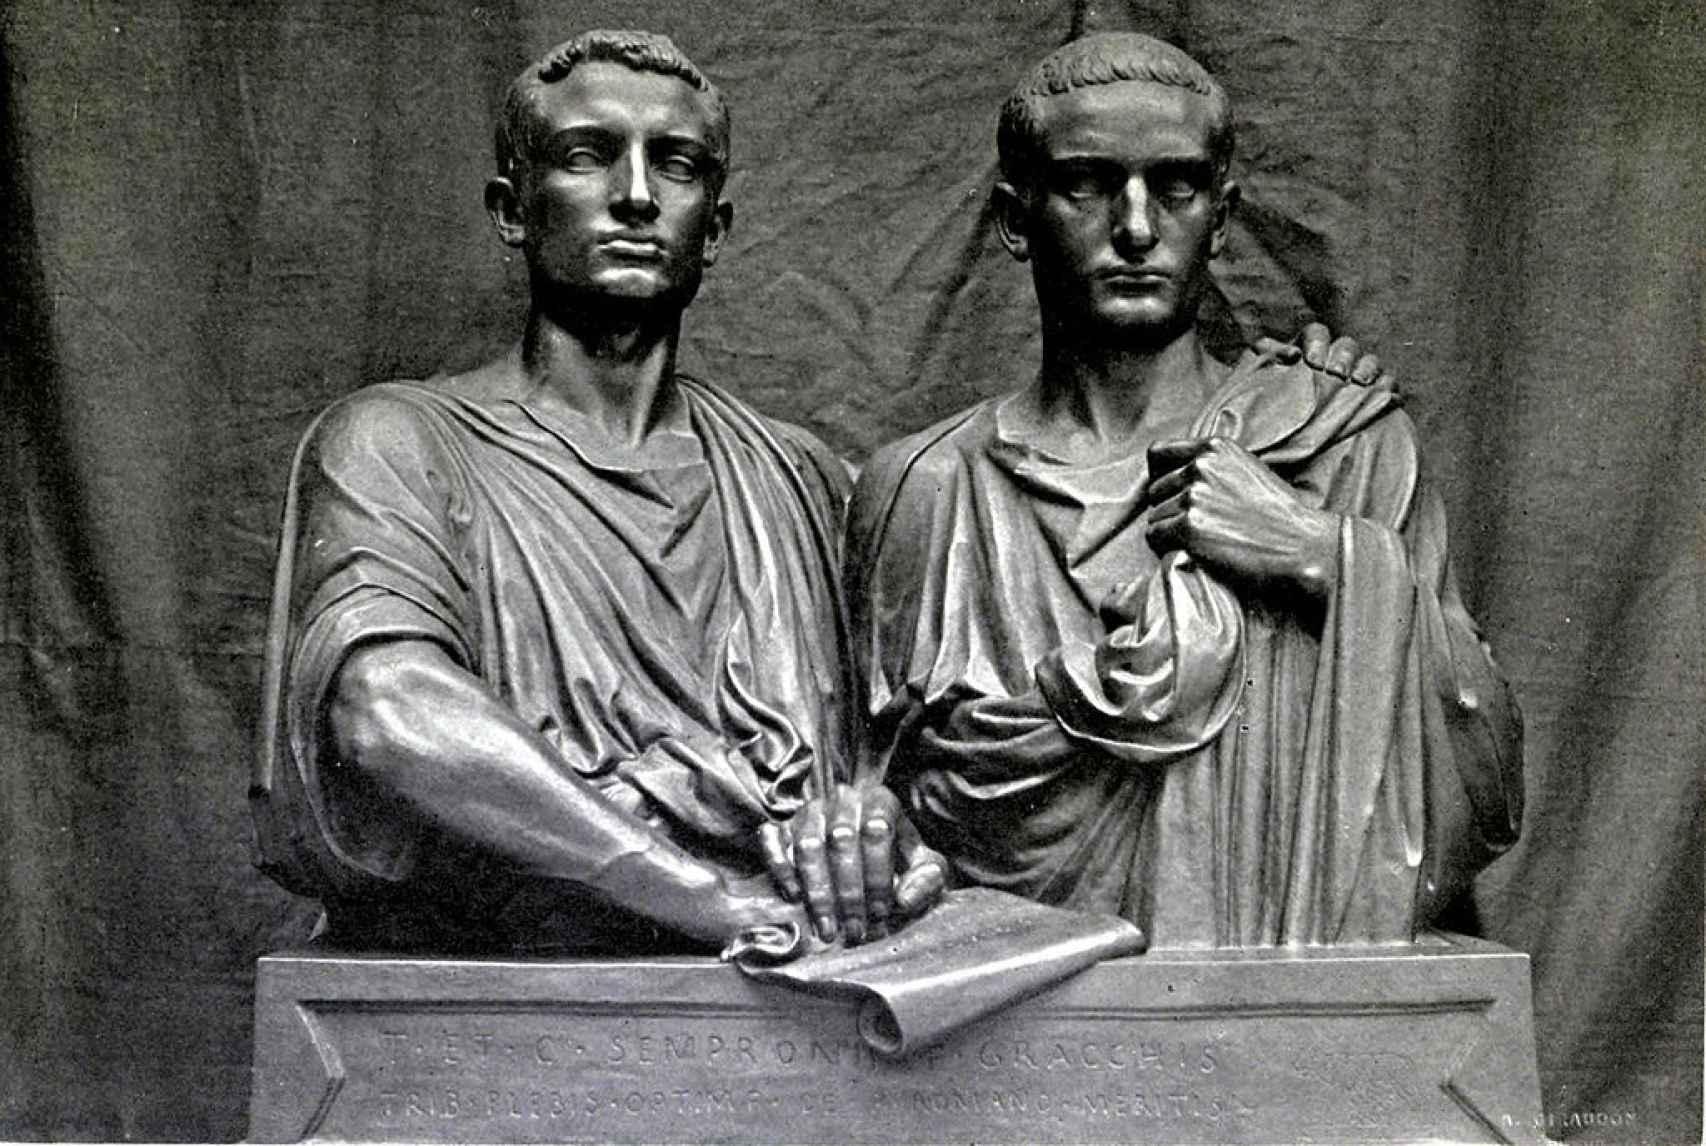 Los hermanos Graco, en una escultura expuesta en el Museo de Orsay.